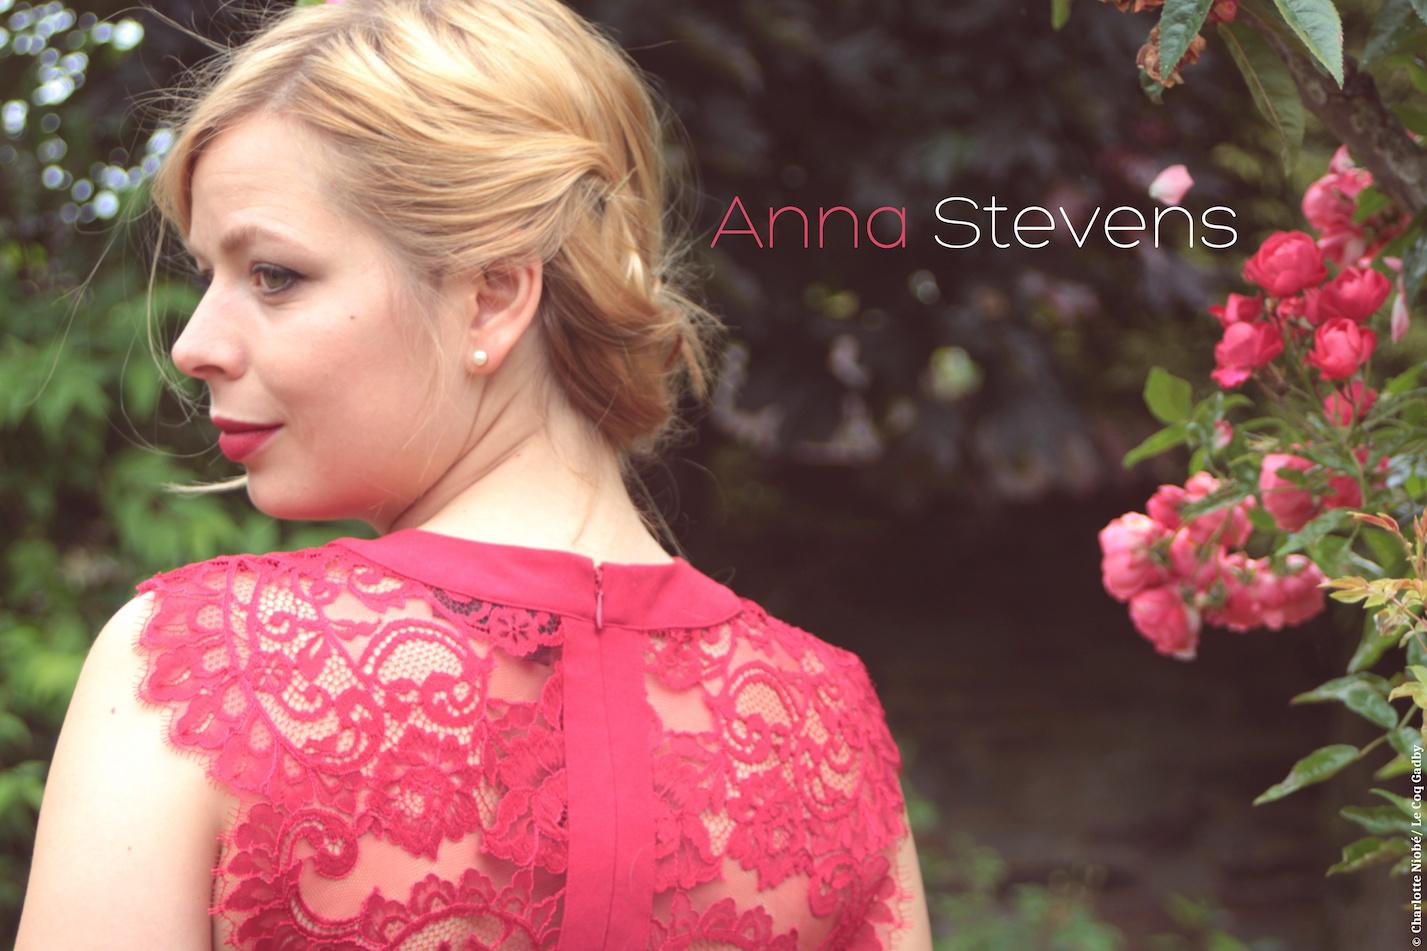 Anna Stevens Nude Photos 79